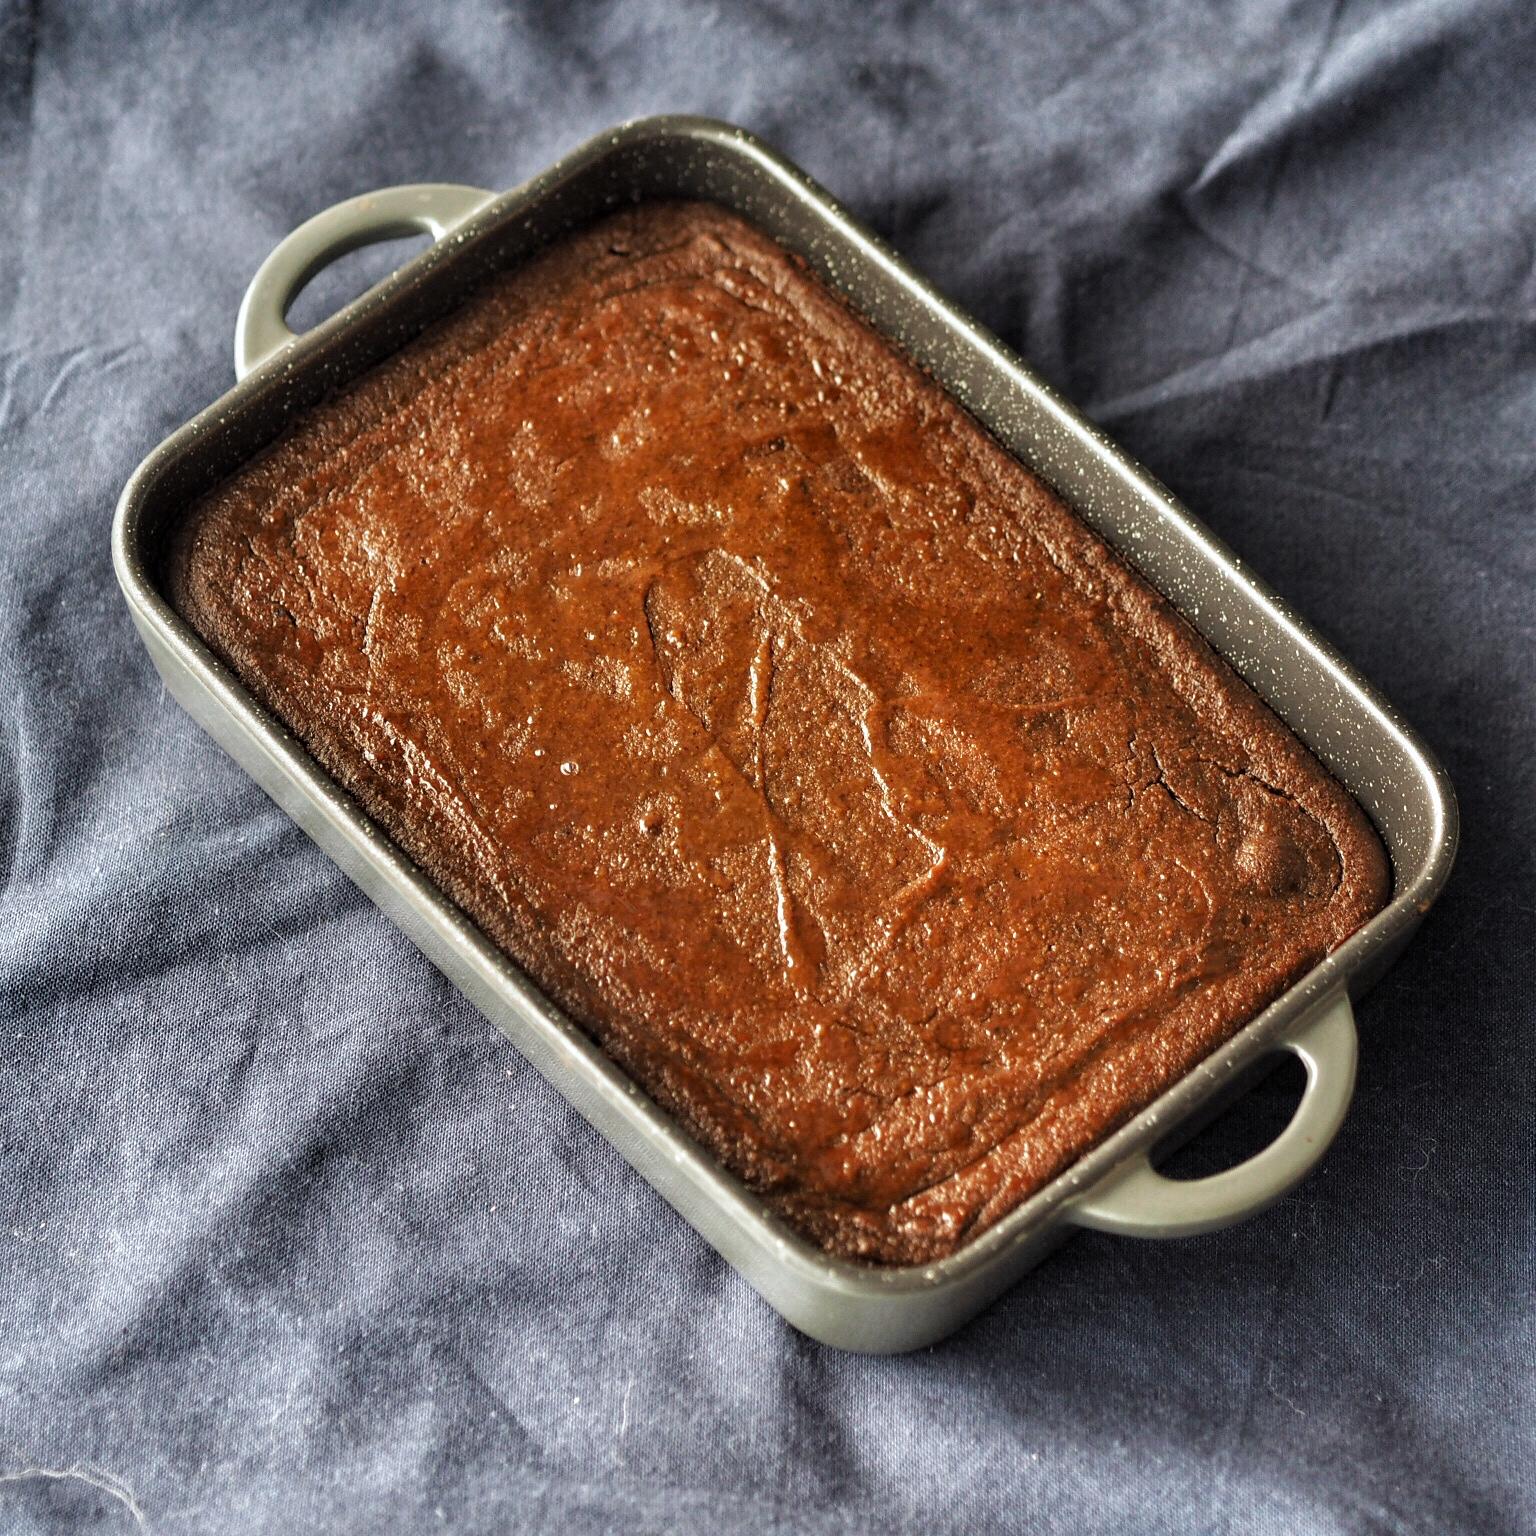 Reseptillä syntyvä gluteeniton mämmi on paiston jälkeen melko tiivistä ja jopa leipämäistä, mutta veden kanssa sekotettaessa siitä tulee täydellistä.